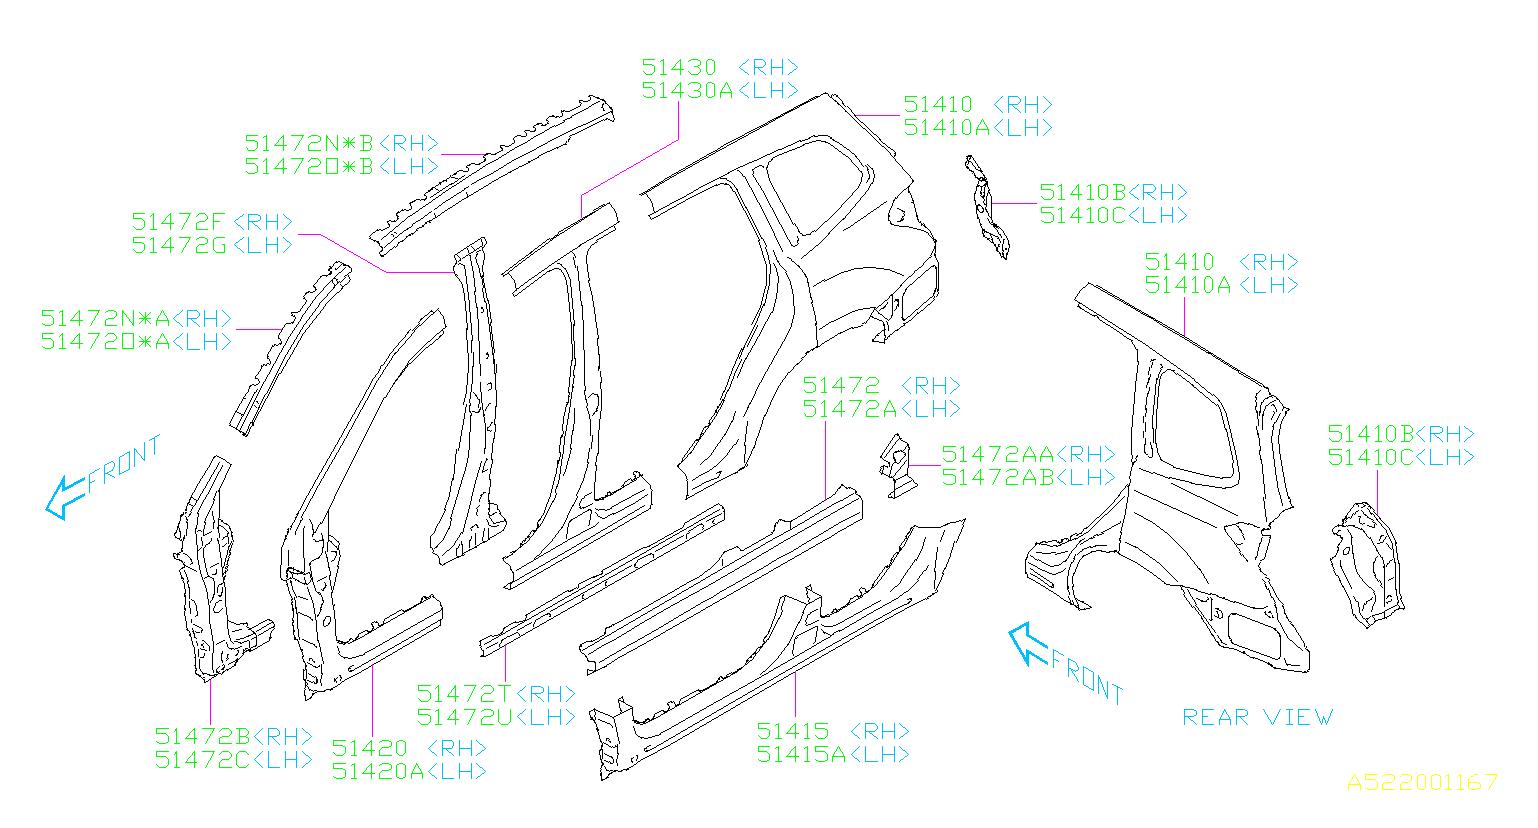 2015 Subaru Forester Tail Light Pocket  Right  Rear